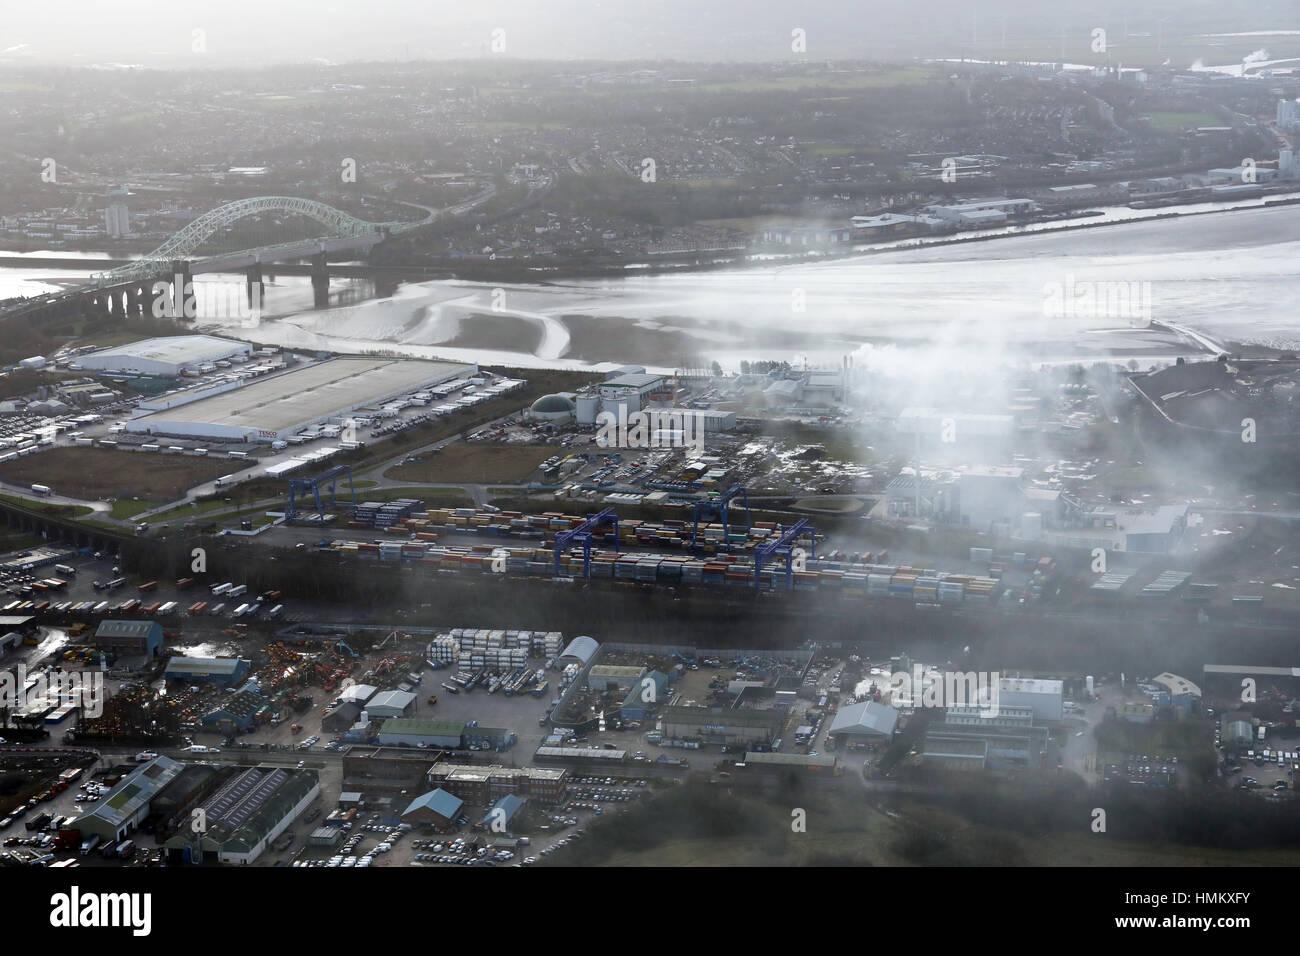 Luftaufnahme des industriellen Rauchverunreinigung in Widnes, Großbritannien Stockbild